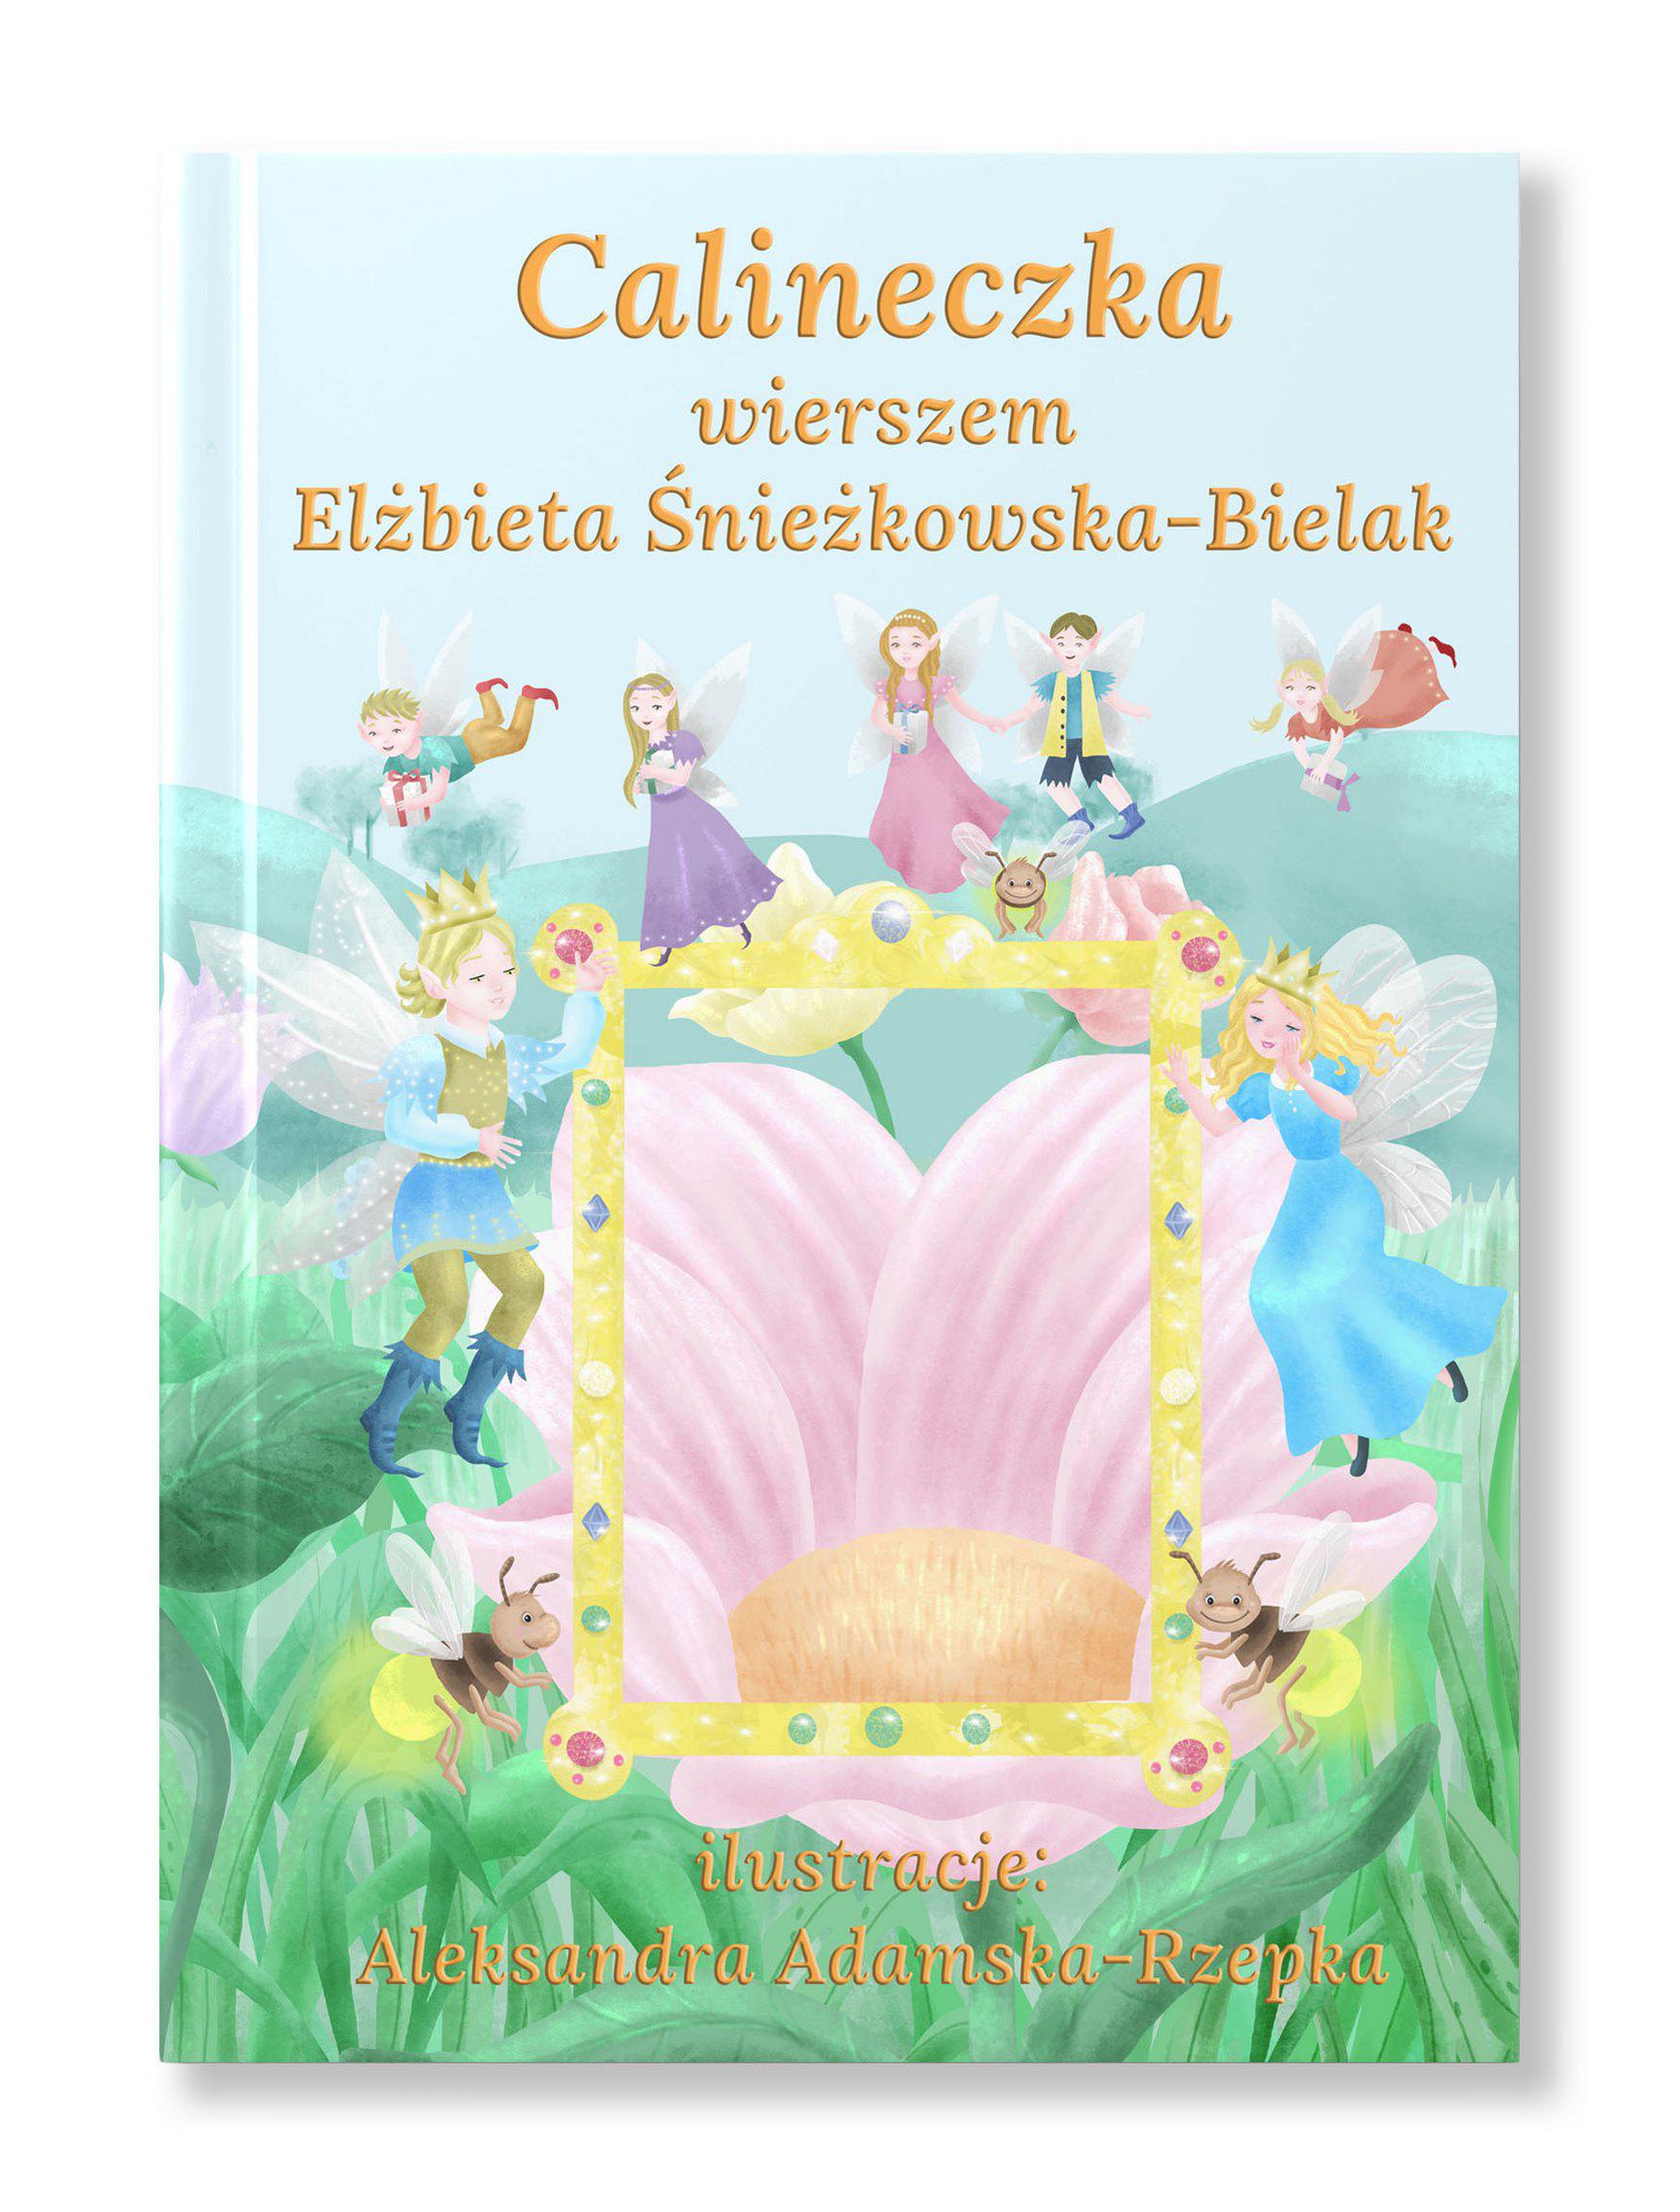 calineczka-cover-2-wiersz